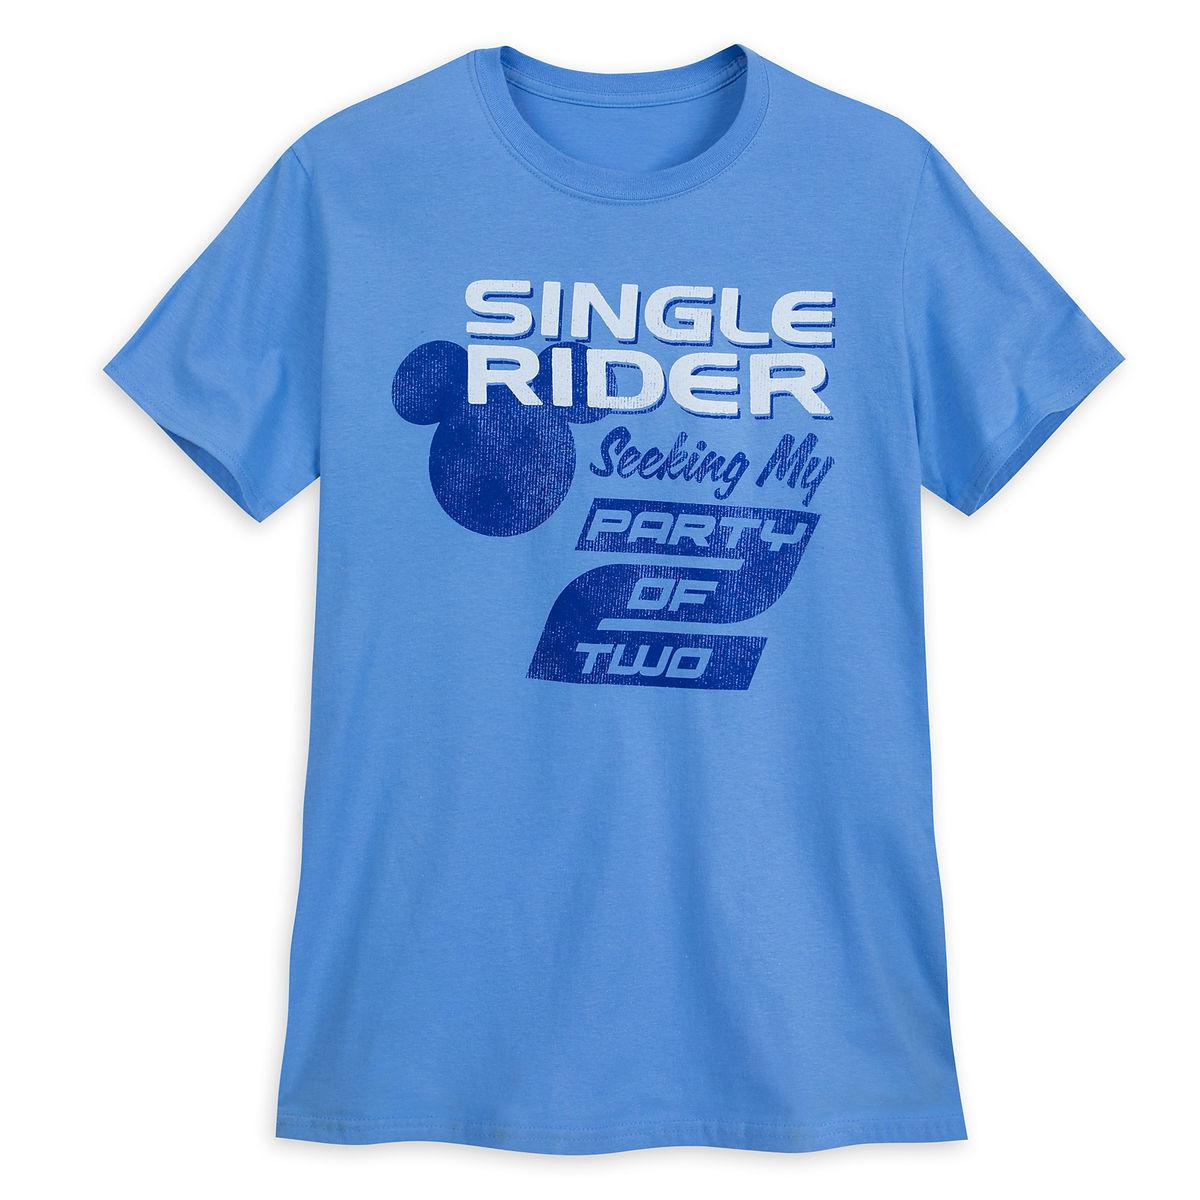 New Disney T Shirts Out Now Diskingdom Com Disney